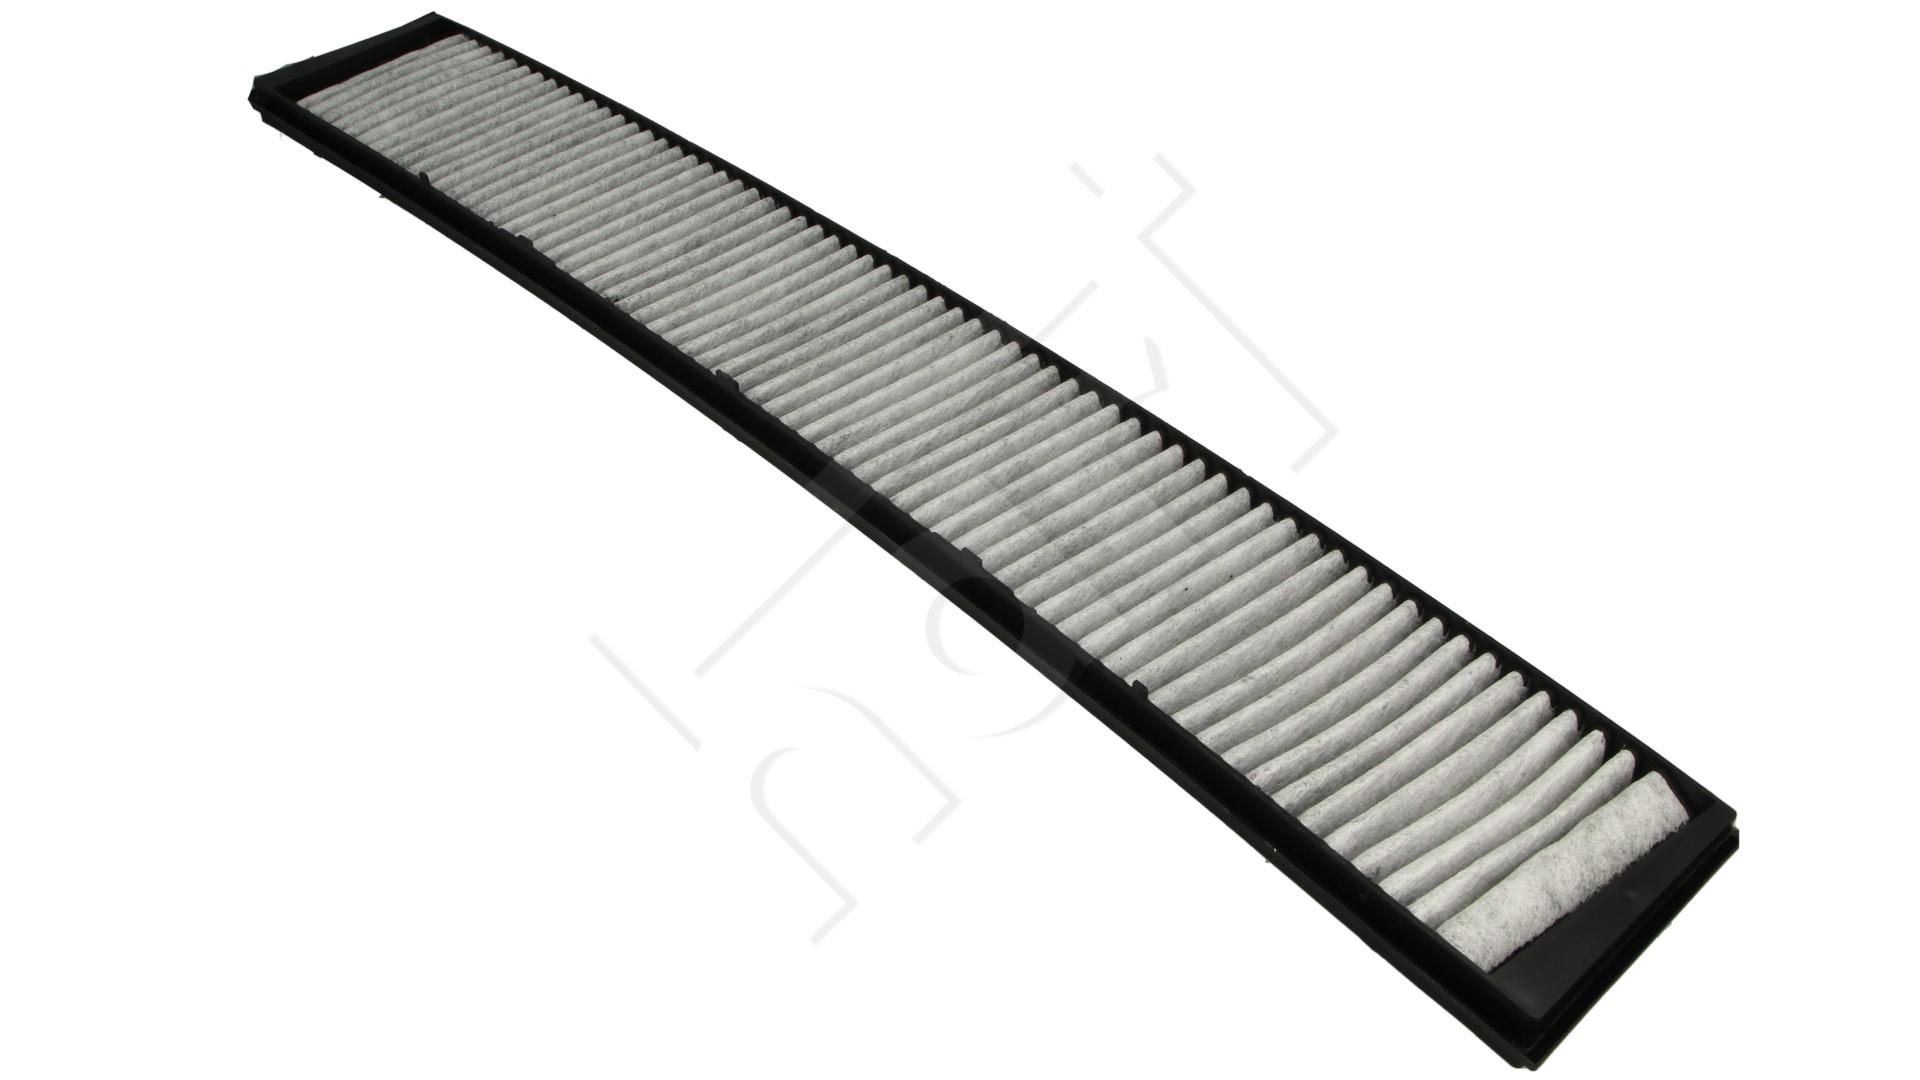 фильтр кабины угольный bmw 3 e46 x3 e83